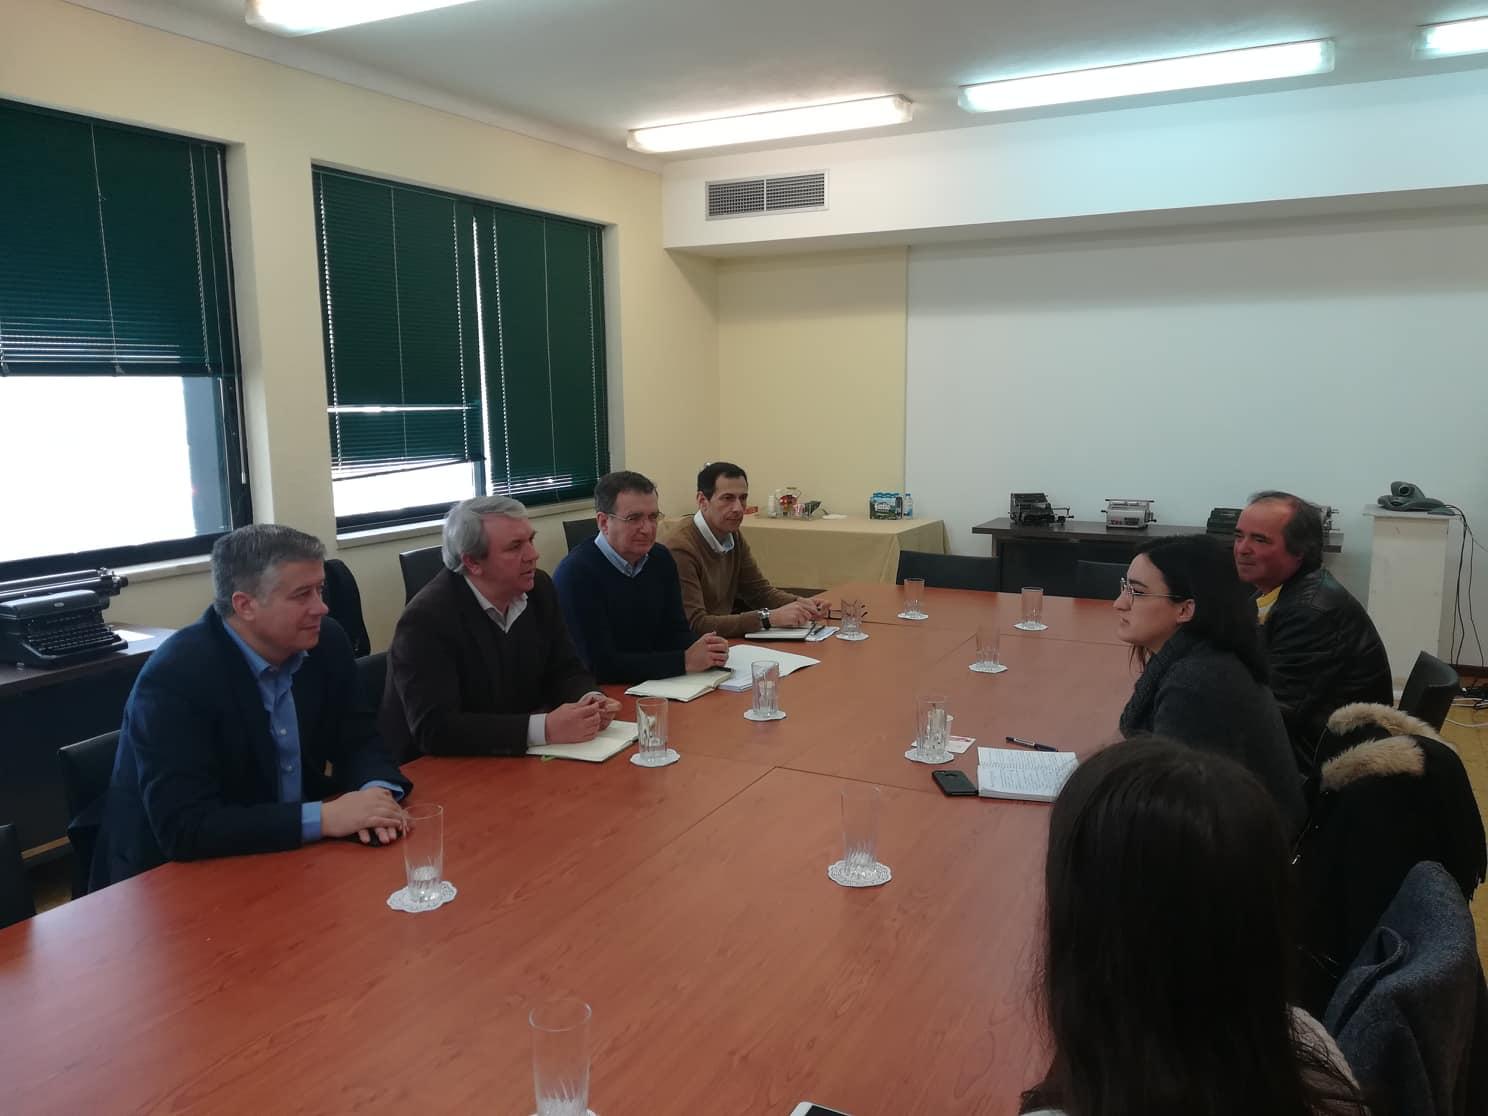 Bloco reúne com CIM -Terras de Trás-os-Montes para discutir a mobilidade na região